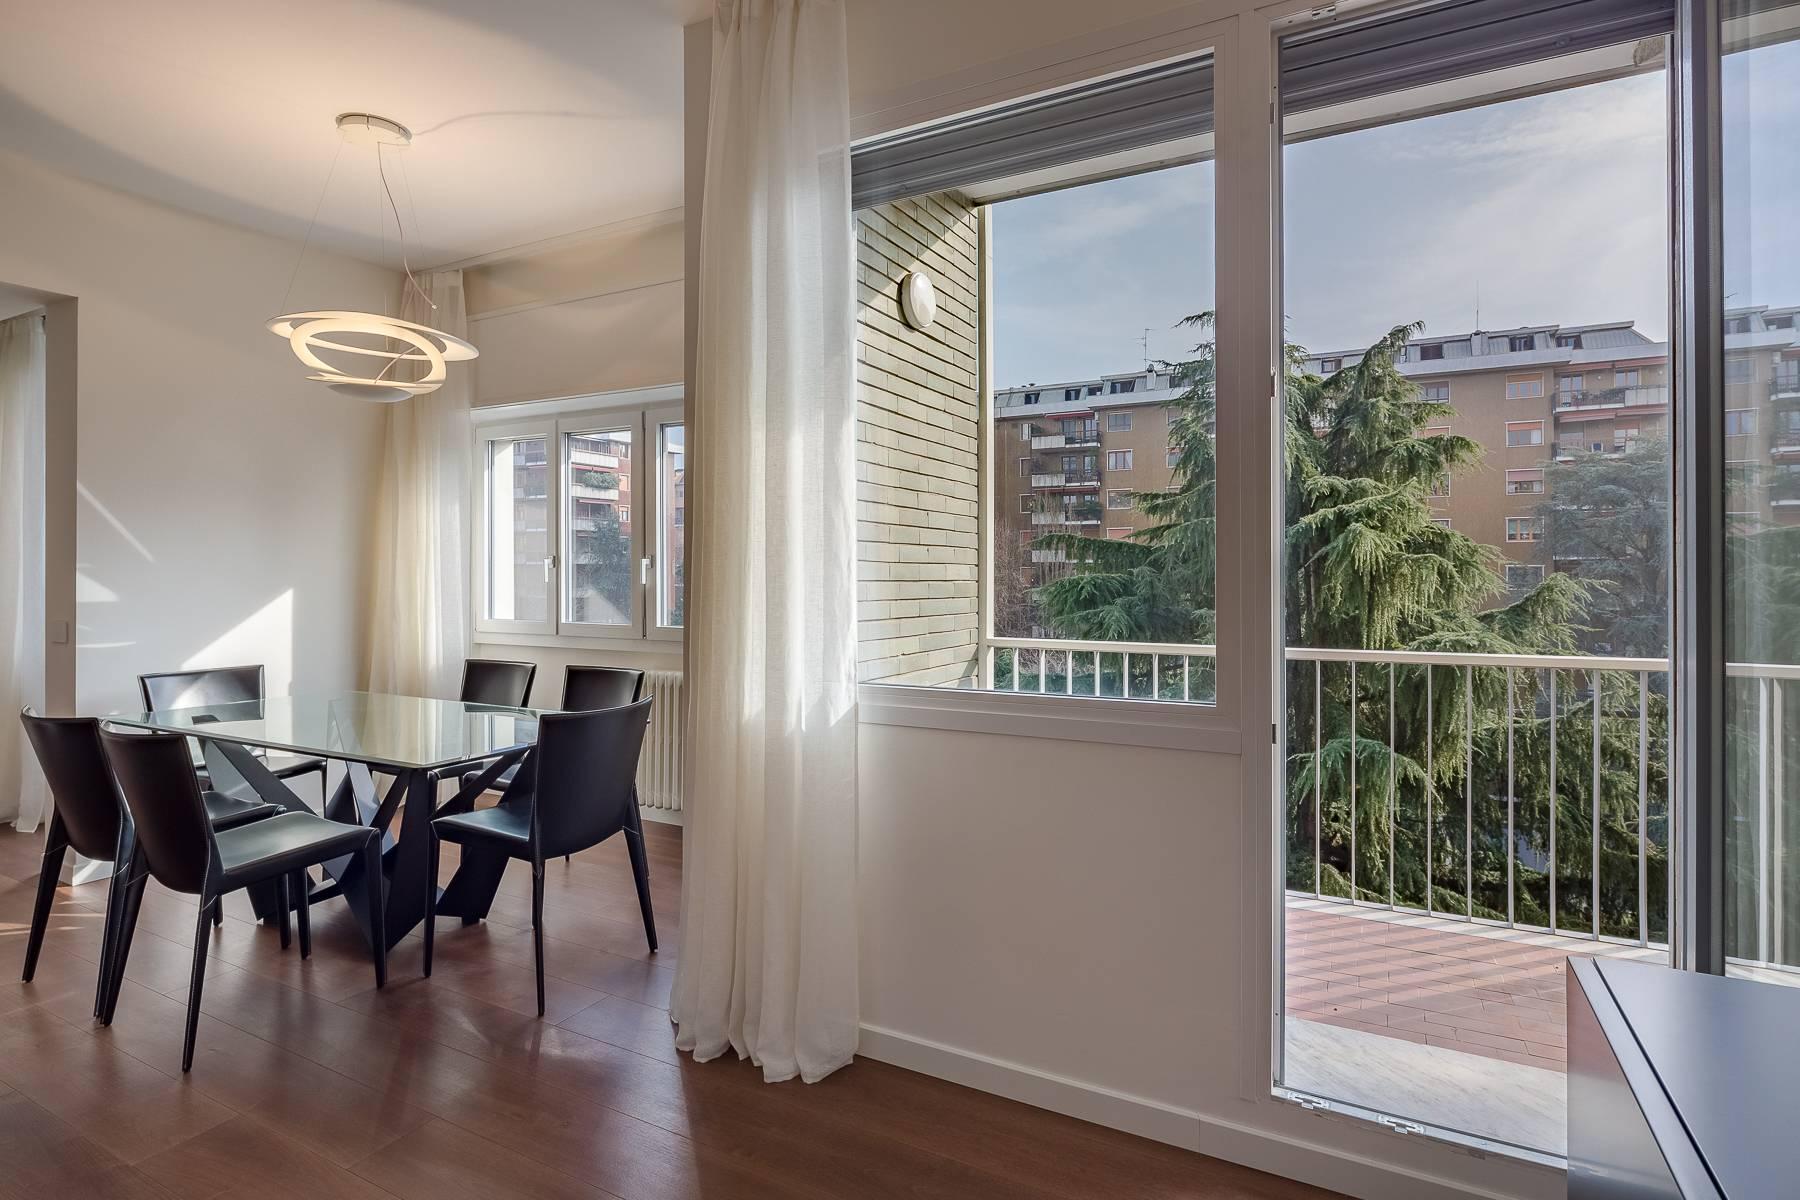 Wunderschöne Drei-Zimmer-Wohnung im Sempione Stadtviertel - 8